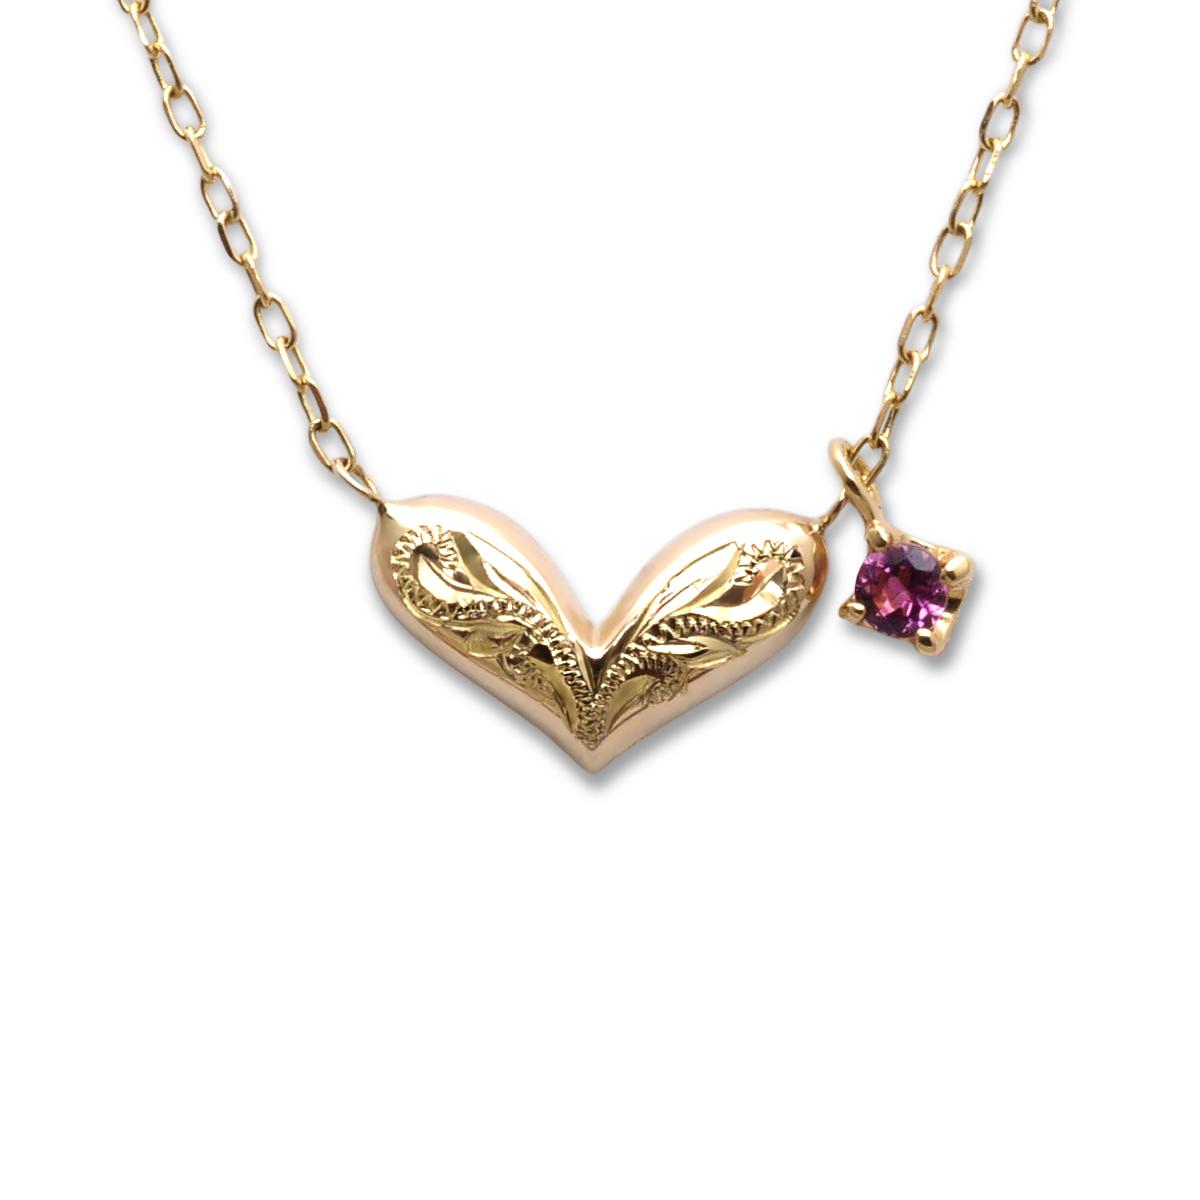 クリスマス限定アイテム☆K10 ゴールド ネックレス ファンシーハート&ジェム 40cm チェーン一体型ネックレス ダイヤモンド ピンクトルマリン